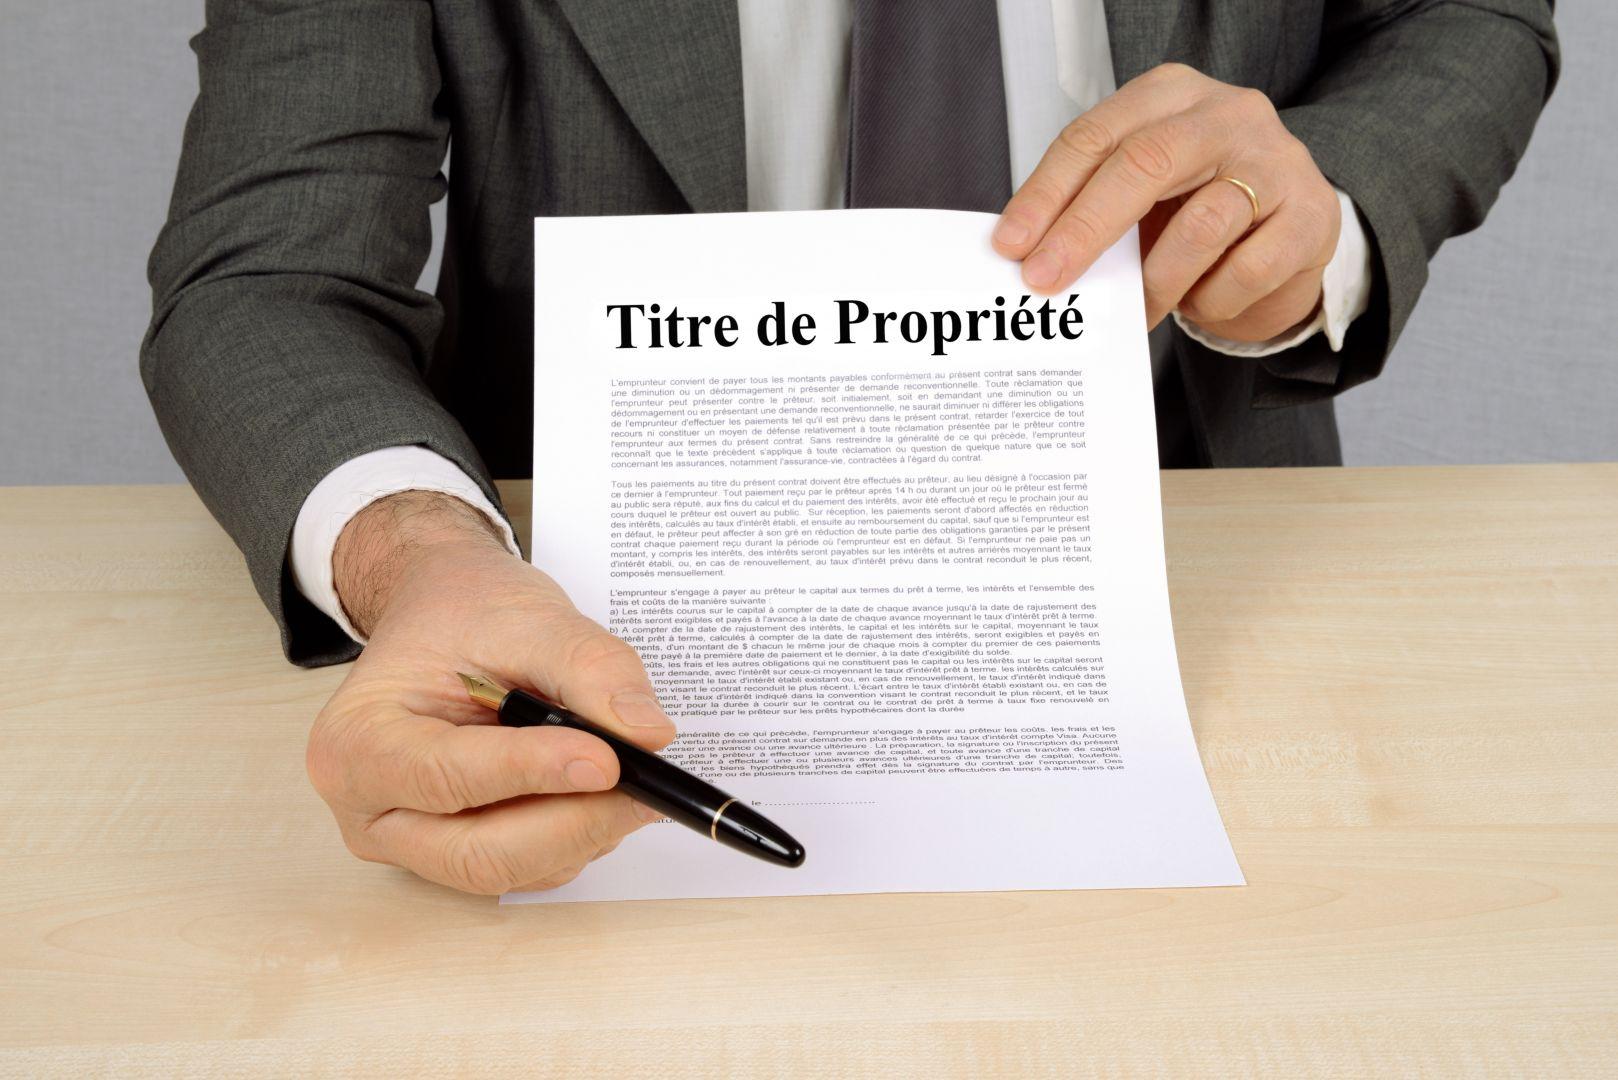 «Mérule éradiquée et responsabilité de l'agence immobilier», Me Caroline Dubuis Talayrach, avocat